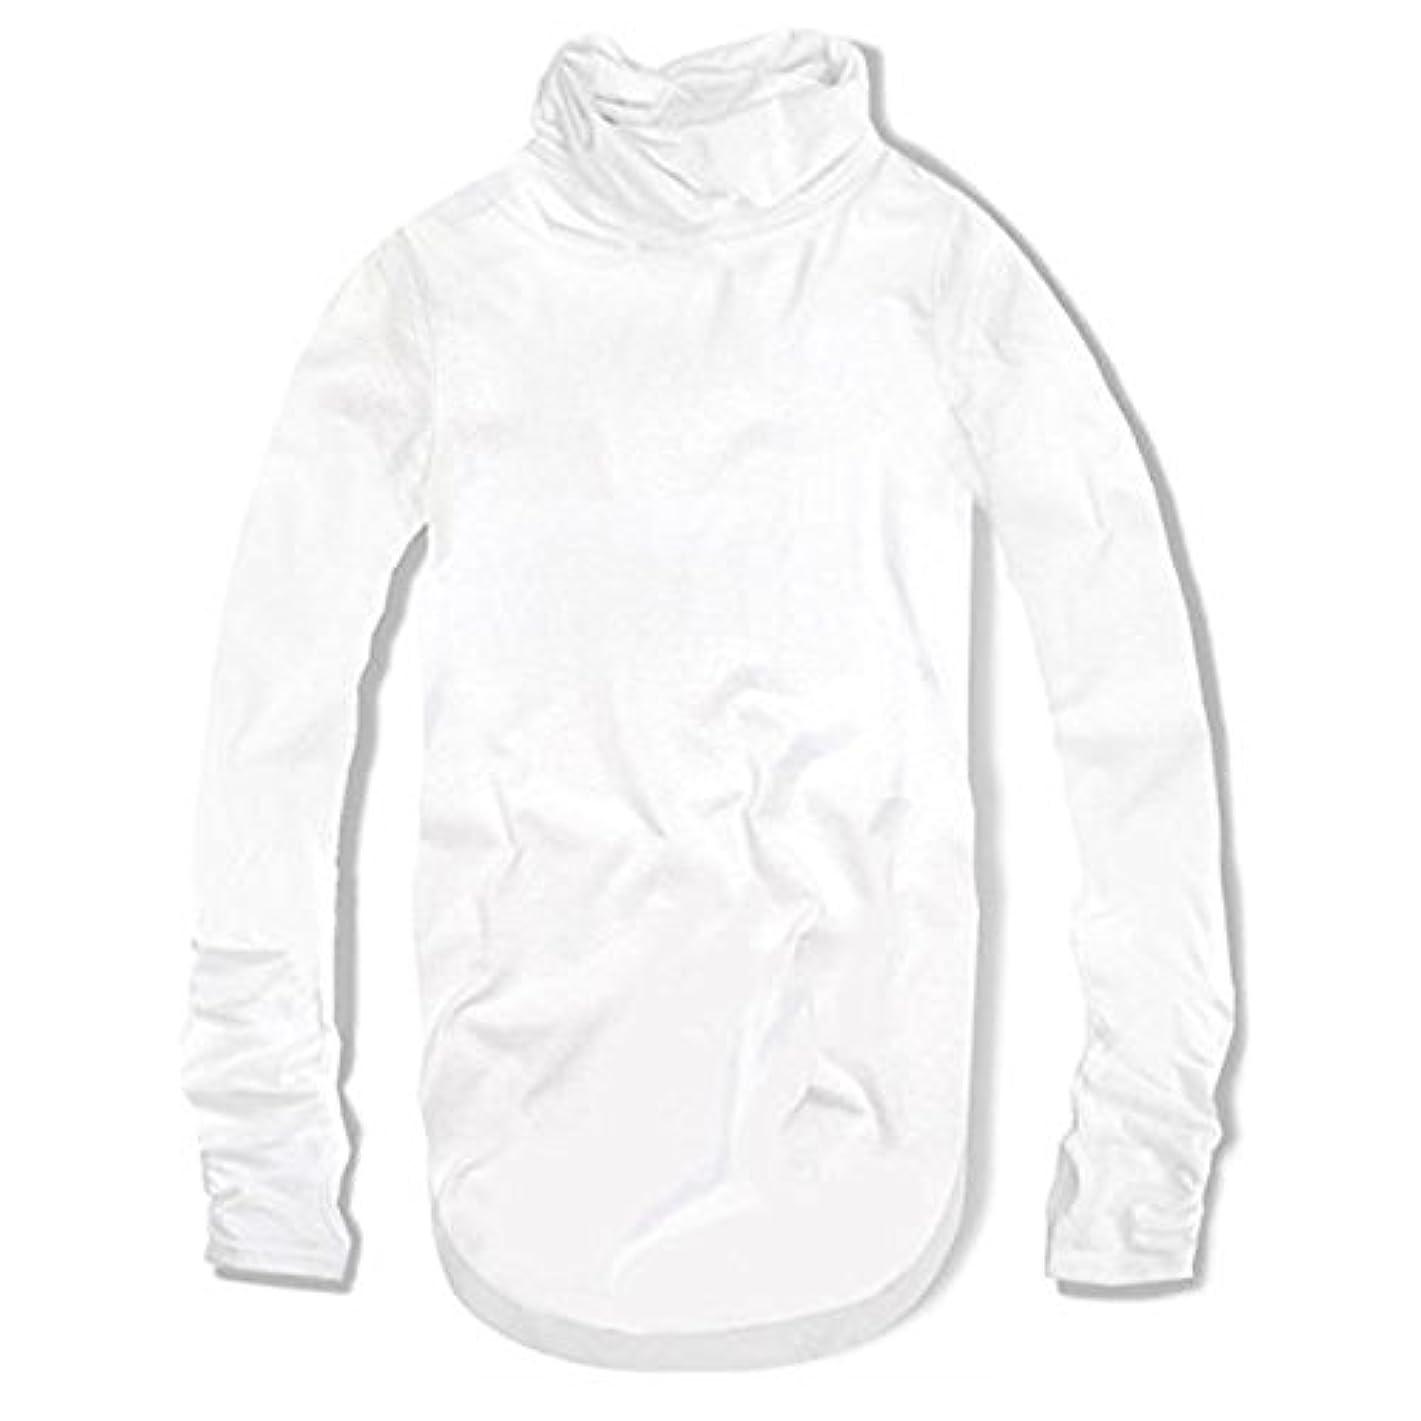 納屋ブルゴーニュ持続するスワンユニオン swanunion 指穴付き ハイネック タートルネック メンズ ロング丈 長袖 Tシャツ ホワイト 白 f80